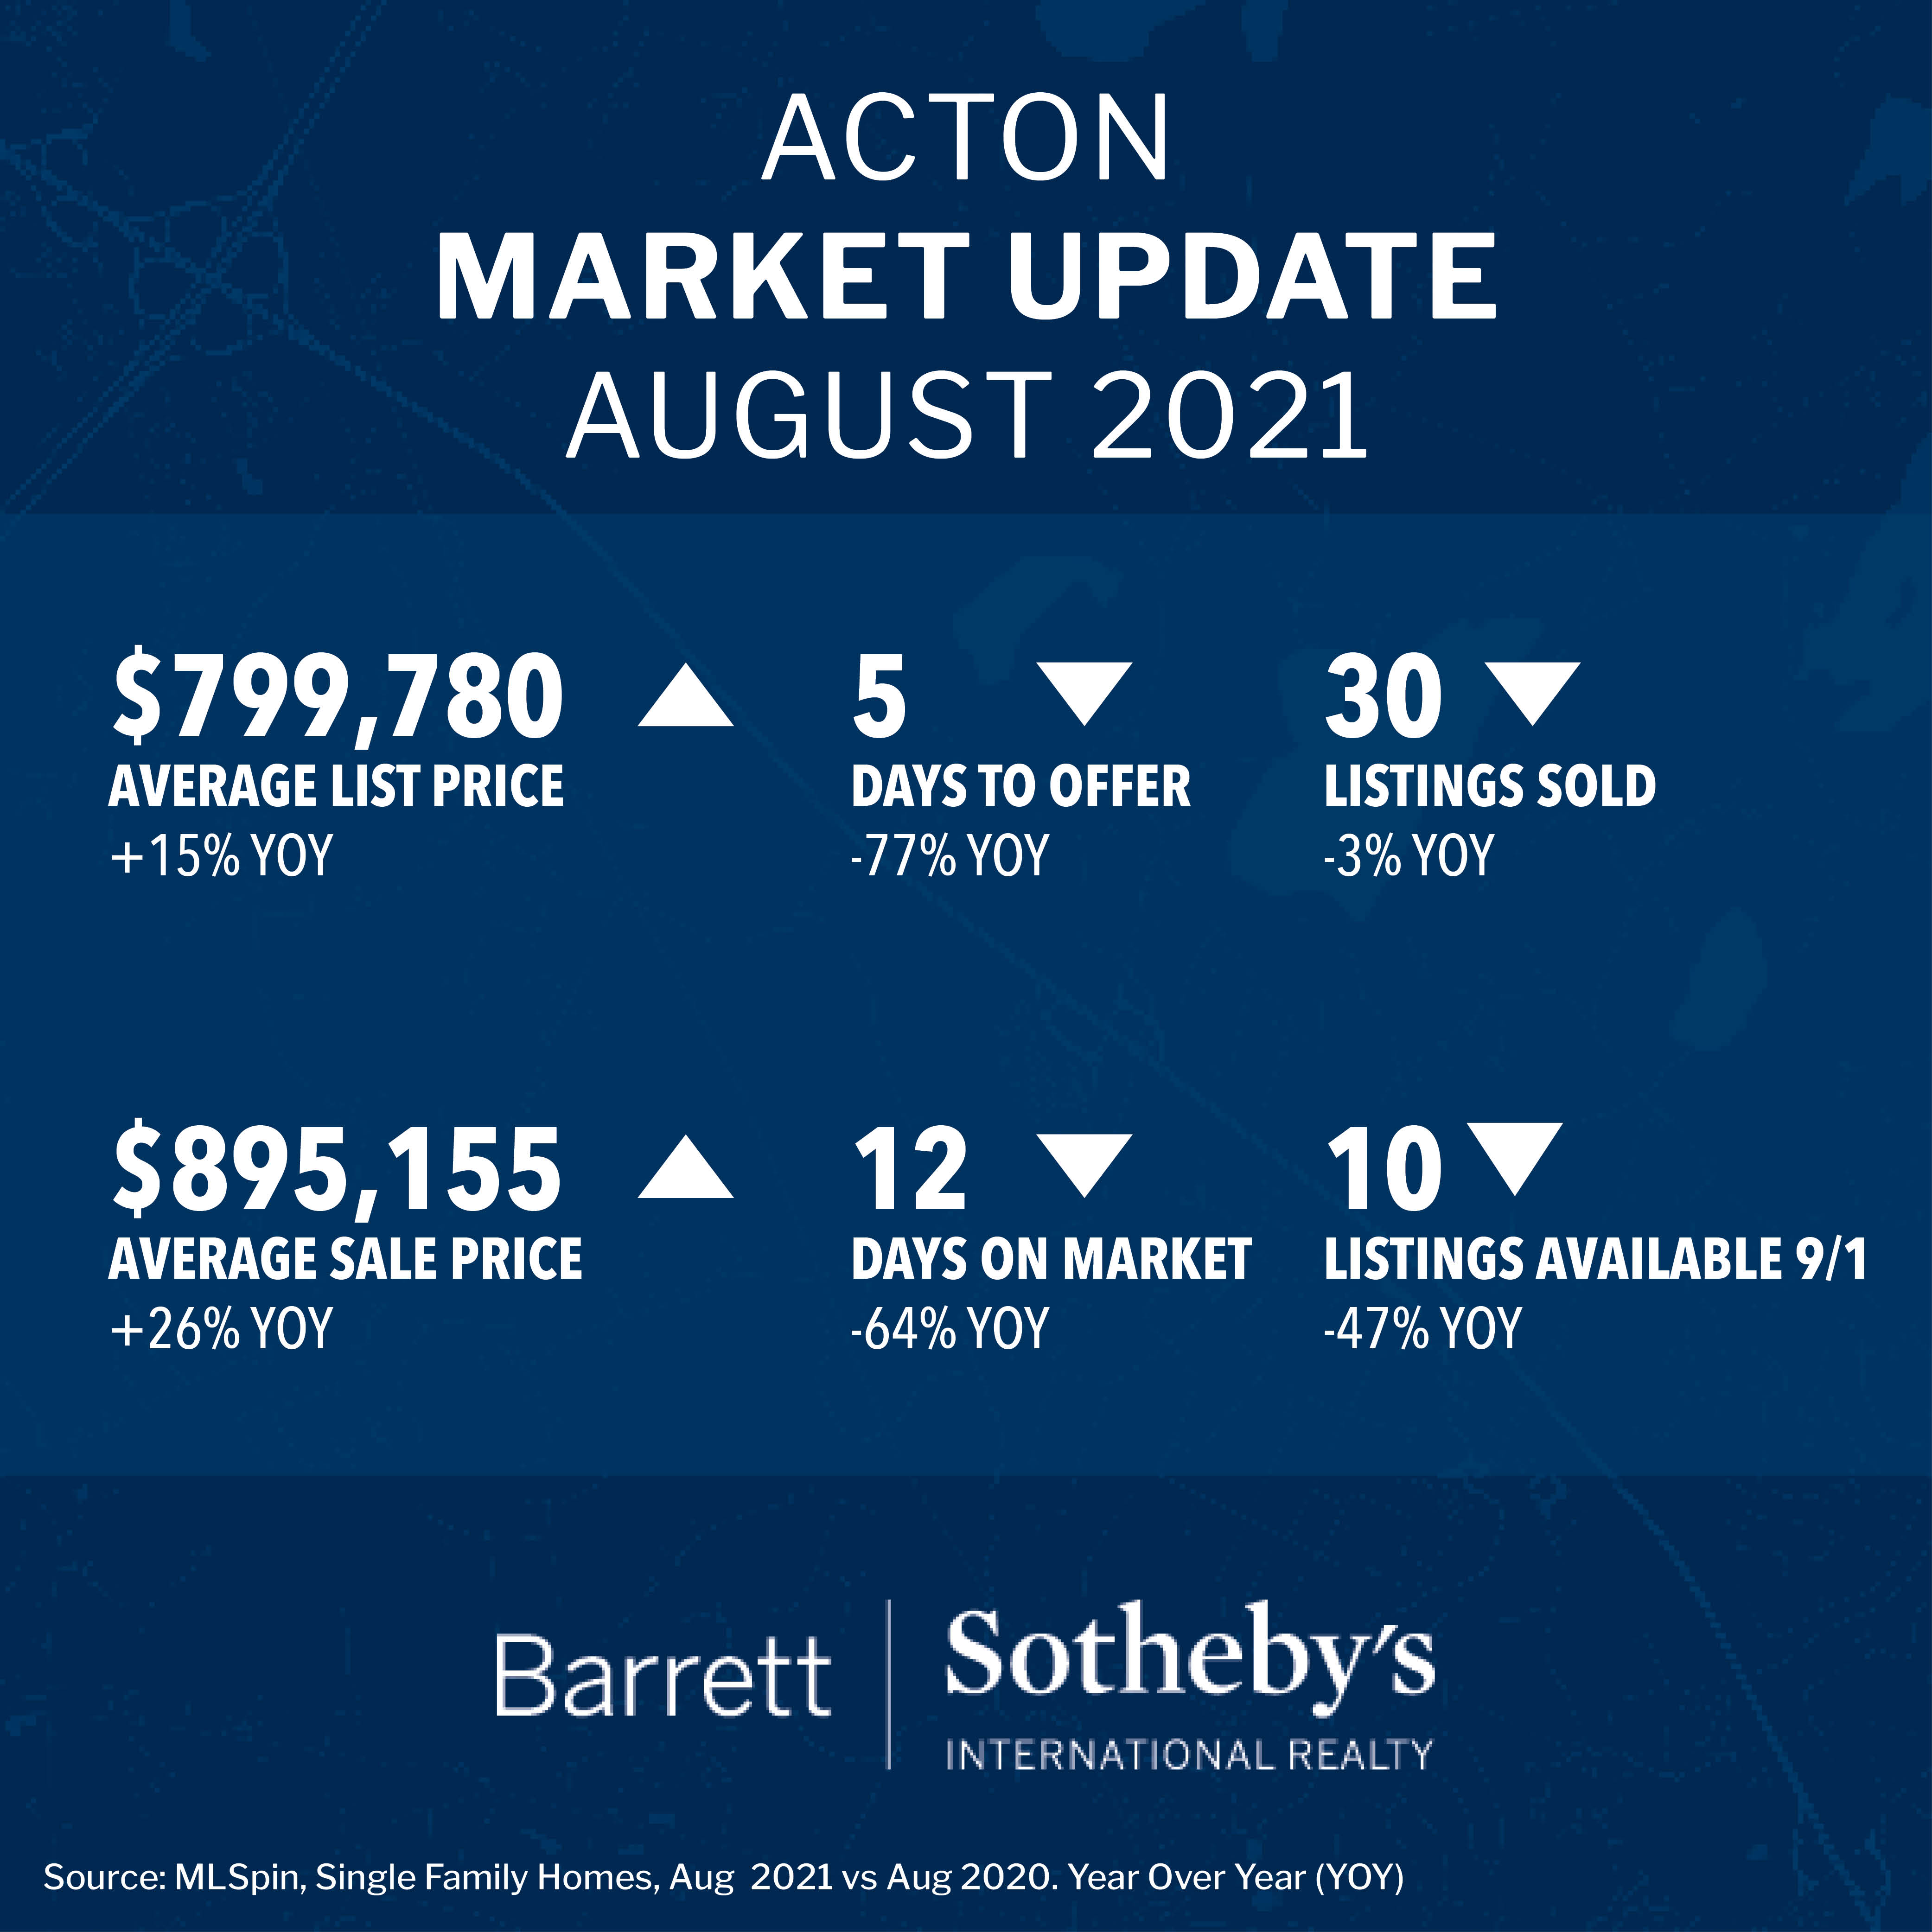 Acton Market Update August 2021